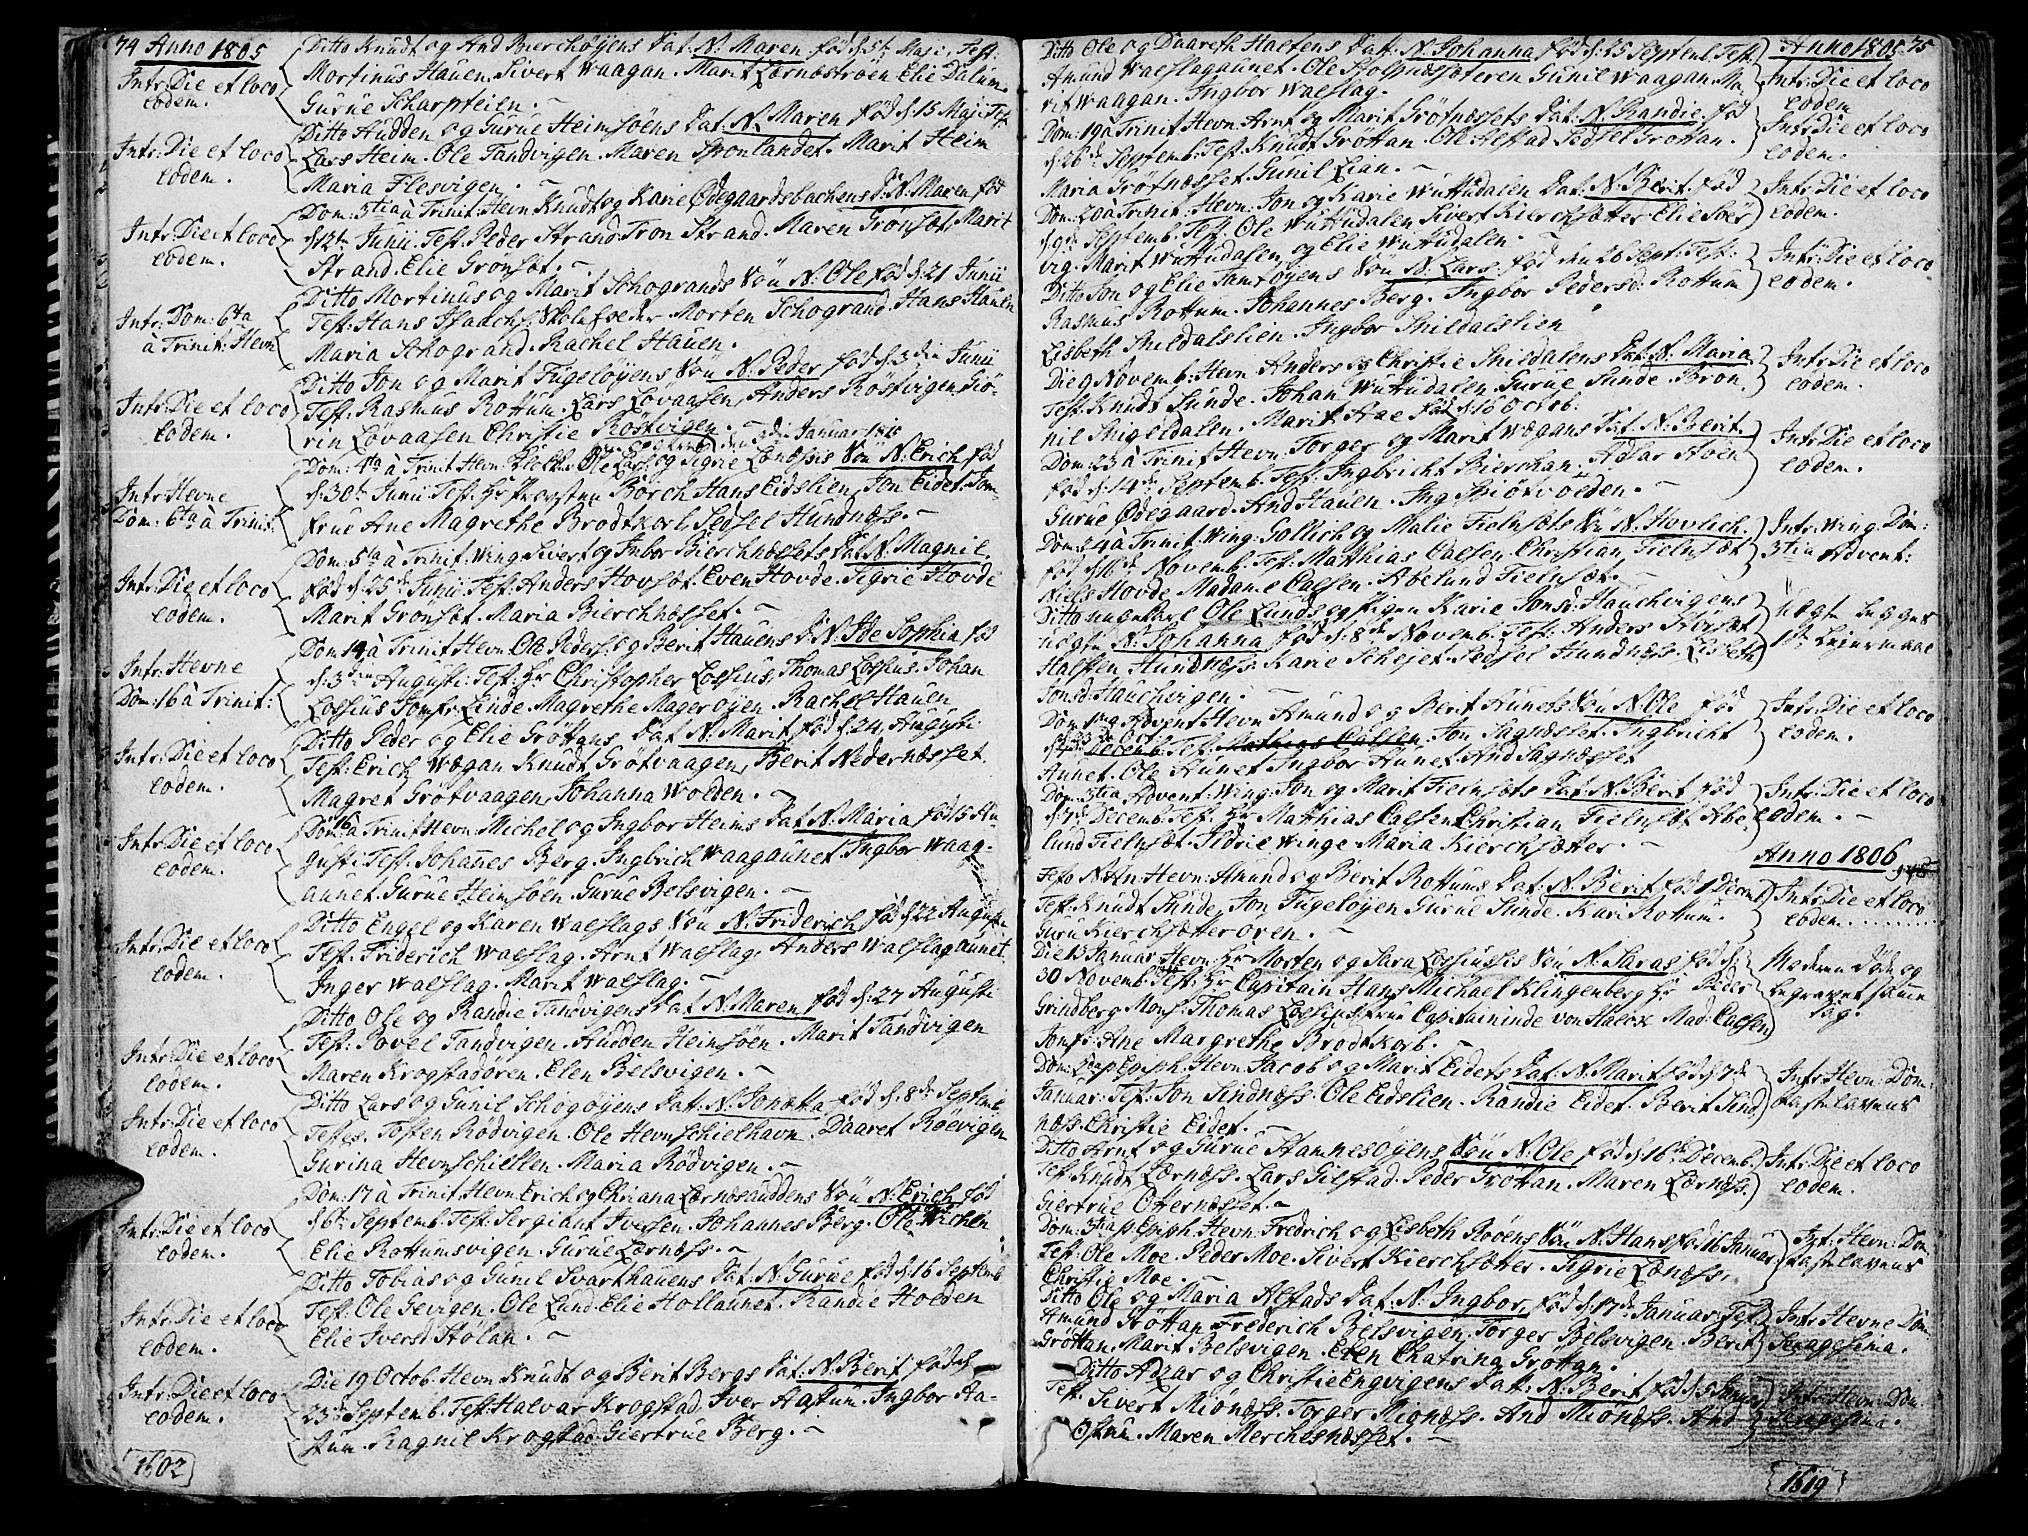 SAT, Ministerialprotokoller, klokkerbøker og fødselsregistre - Sør-Trøndelag, 630/L0490: Ministerialbok nr. 630A03, 1795-1818, s. 74-75